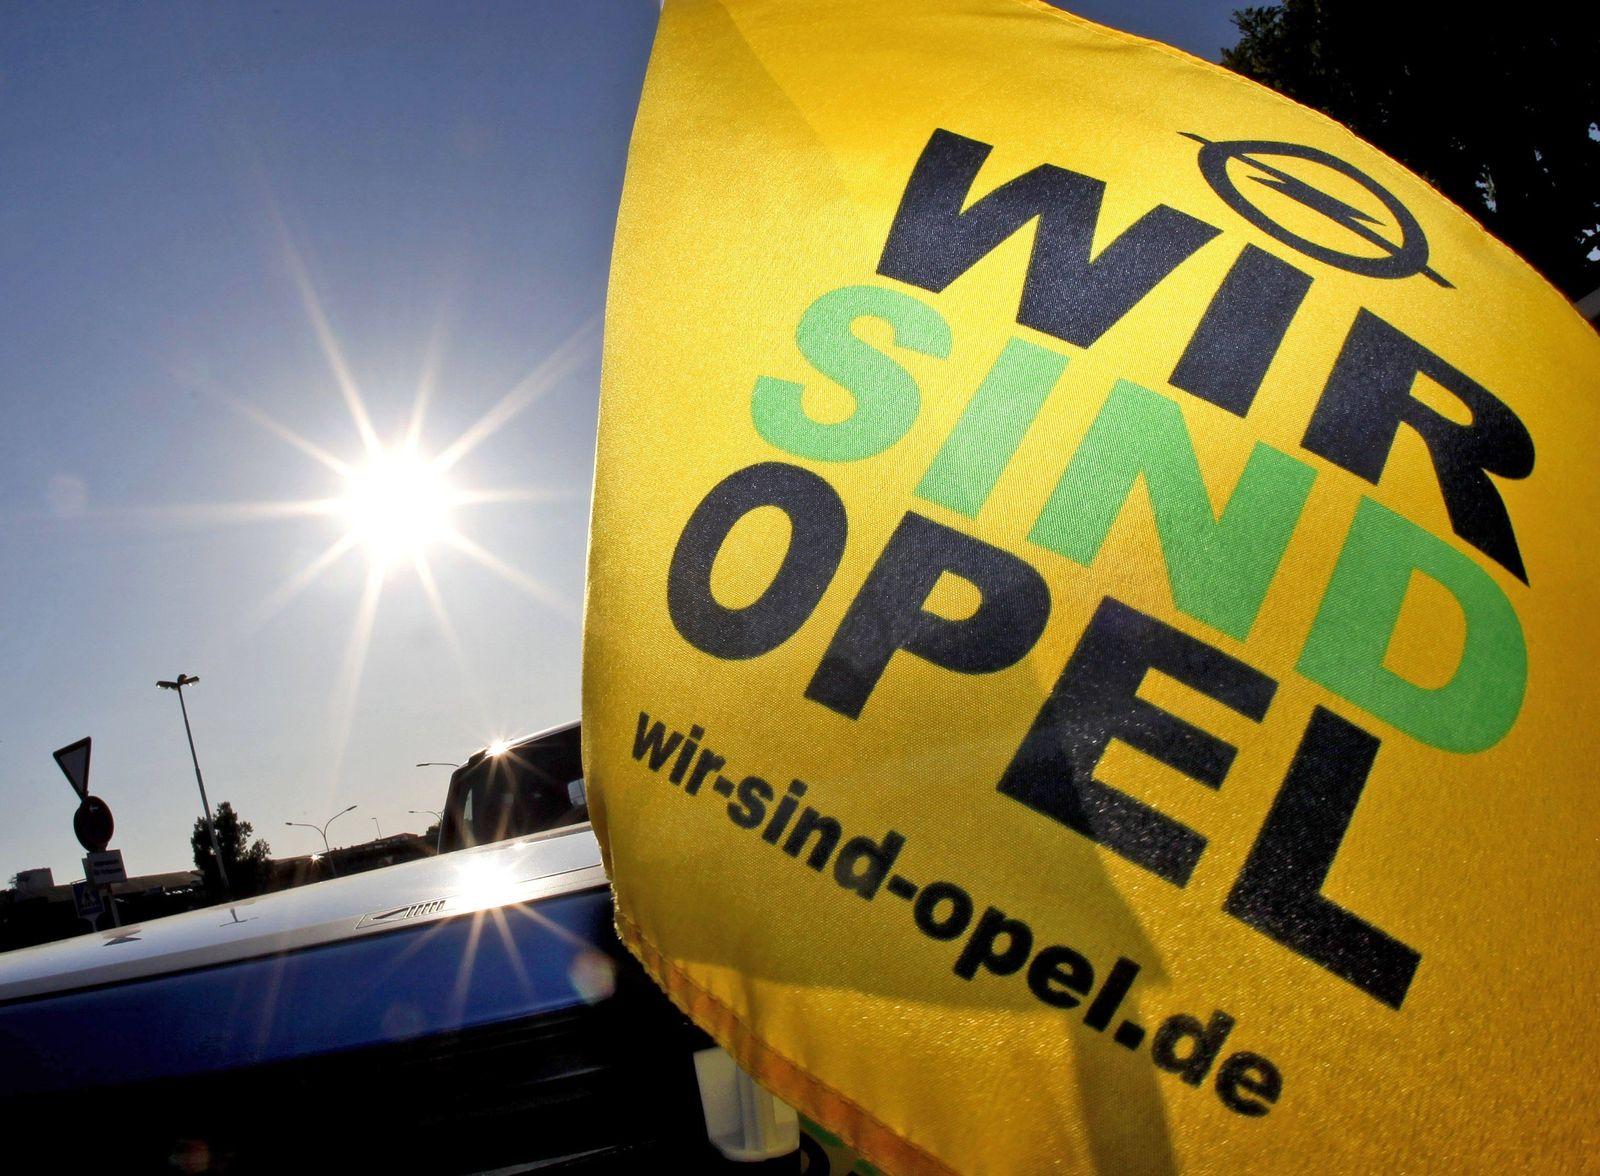 Wir sind Opel